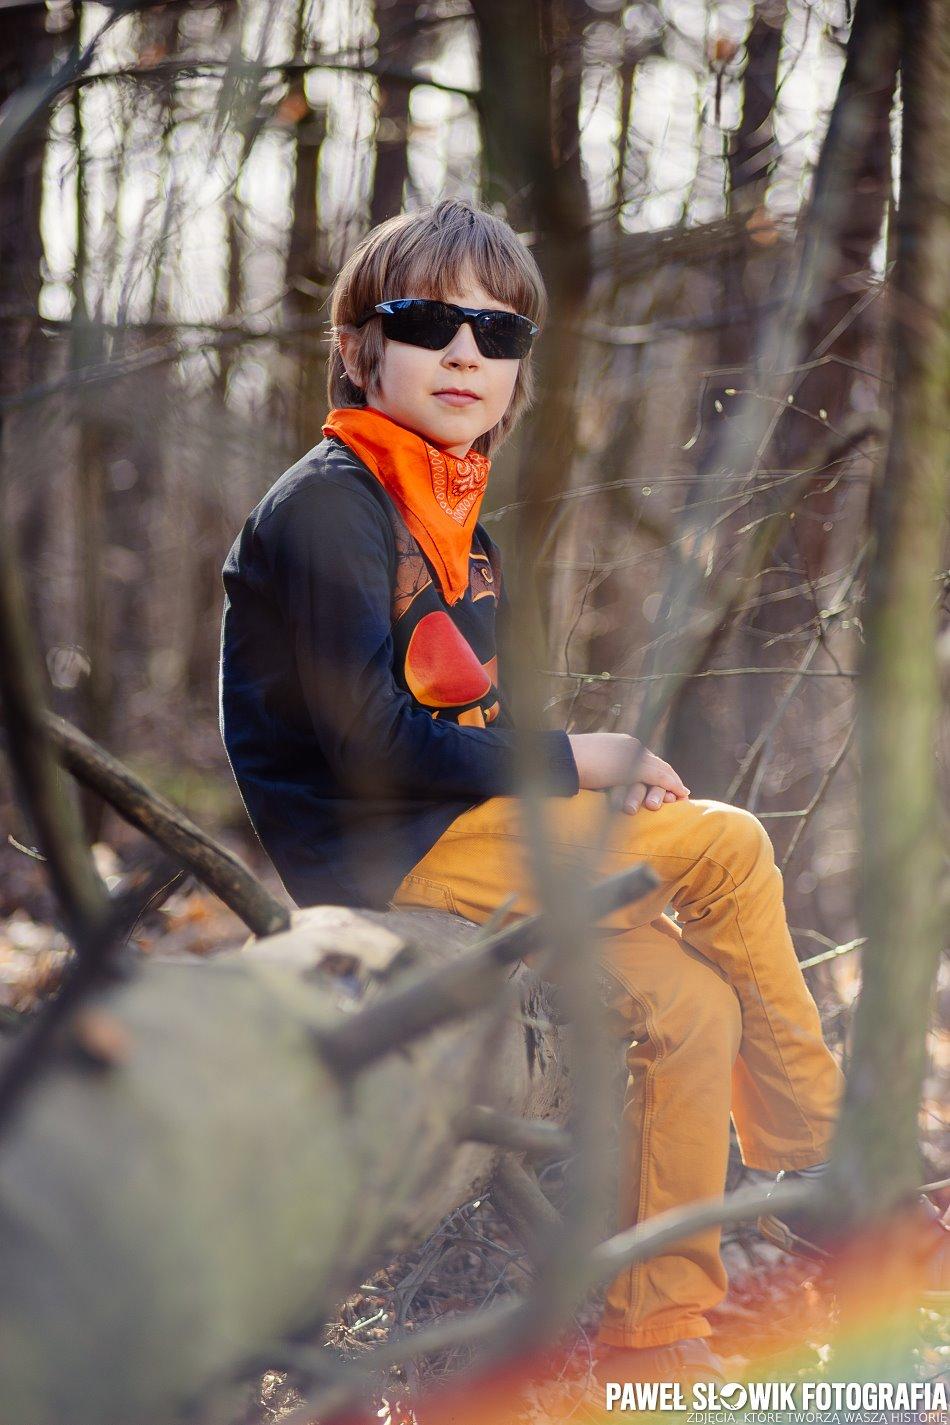 Dobry fotograf Izabelin [Sony A7, Auto Revuenon 135mm f2.8 m42 @ 135mm, f2.8]